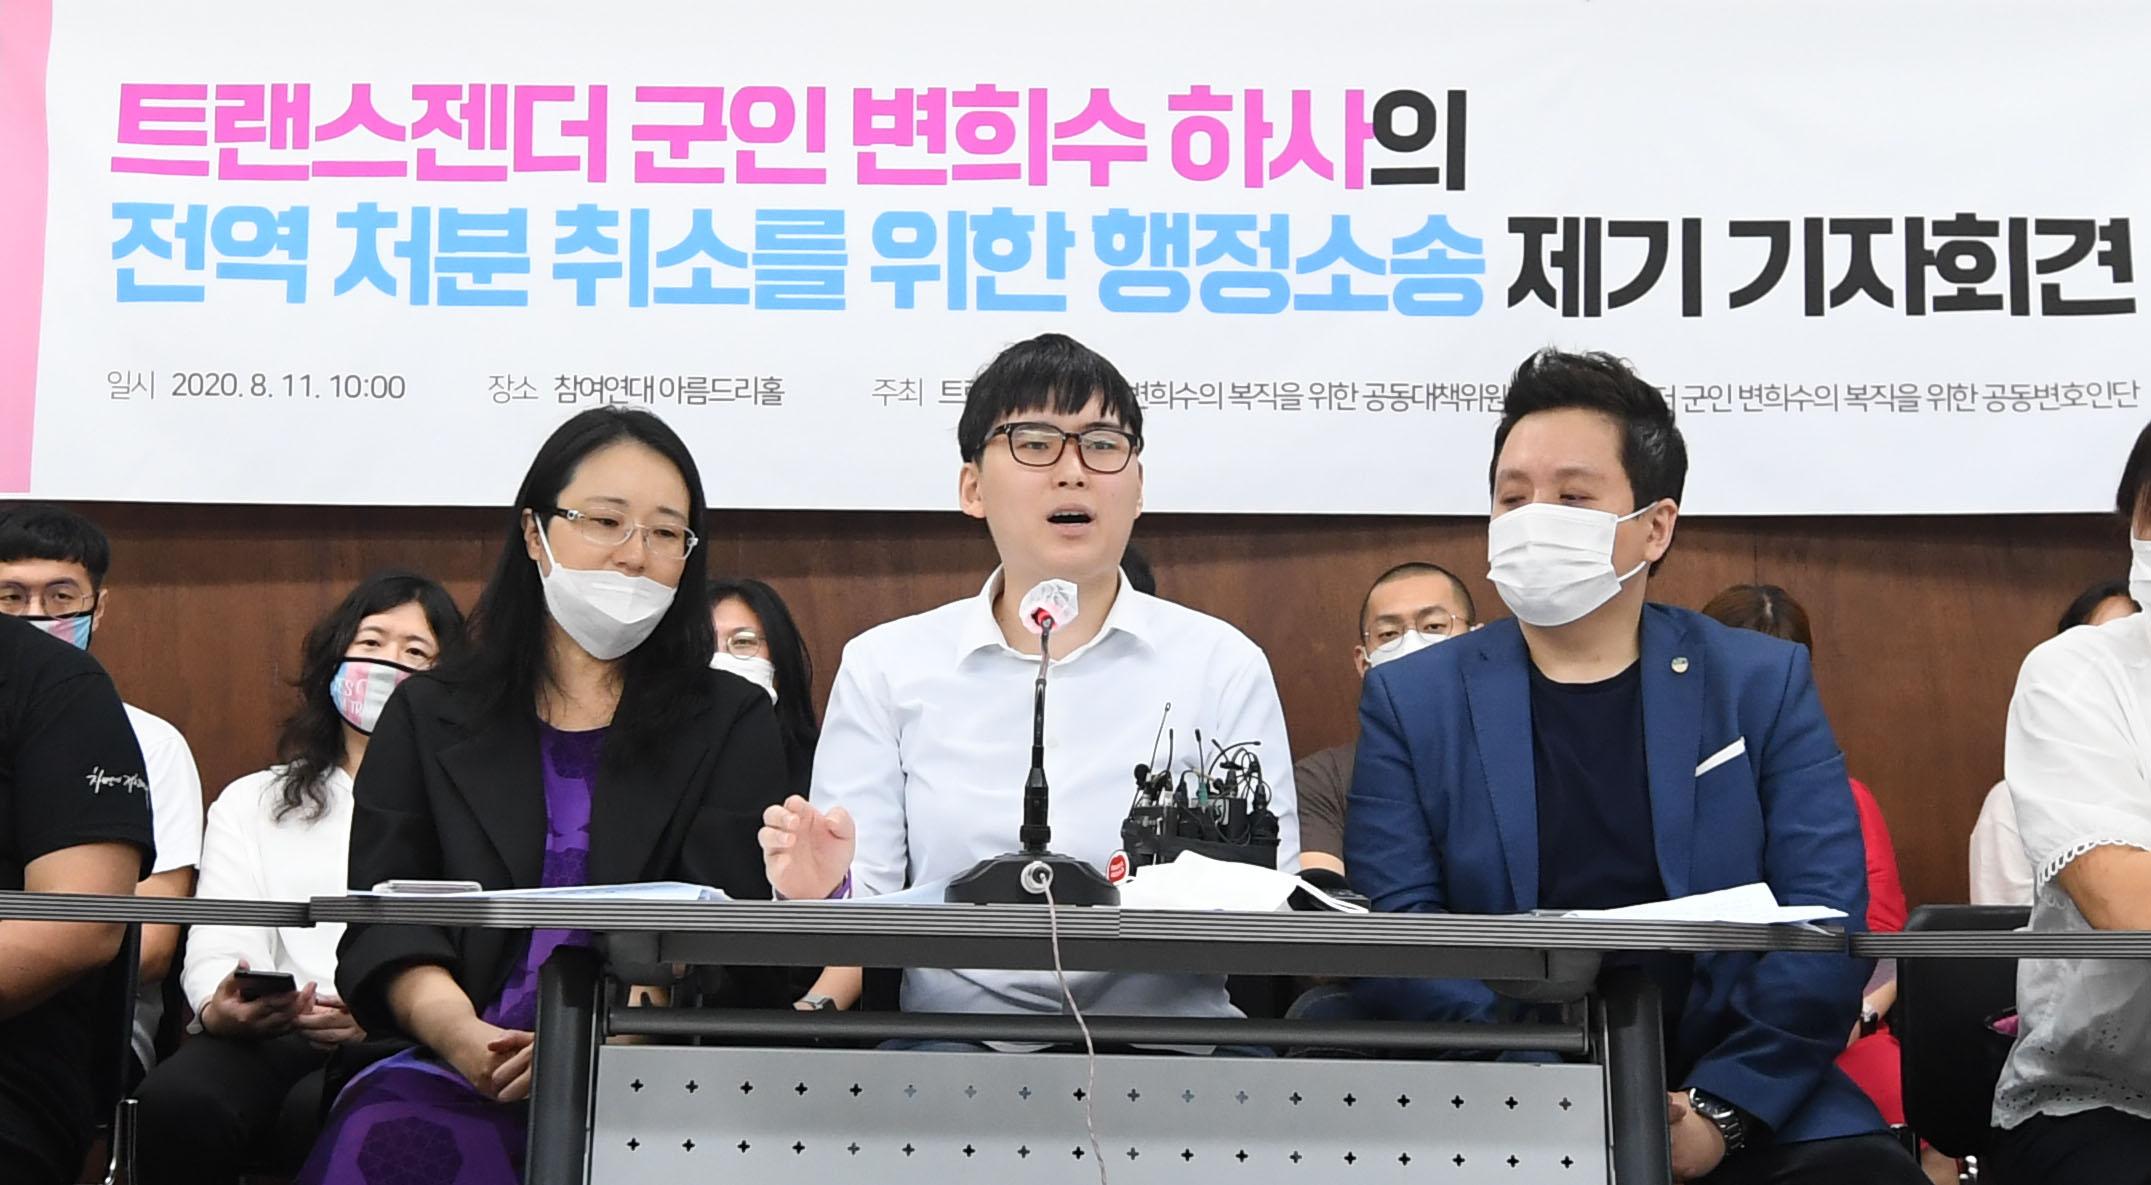 트랜스젠더 군인 변희수 하사의 부당 전역...'성소수자도 사람'